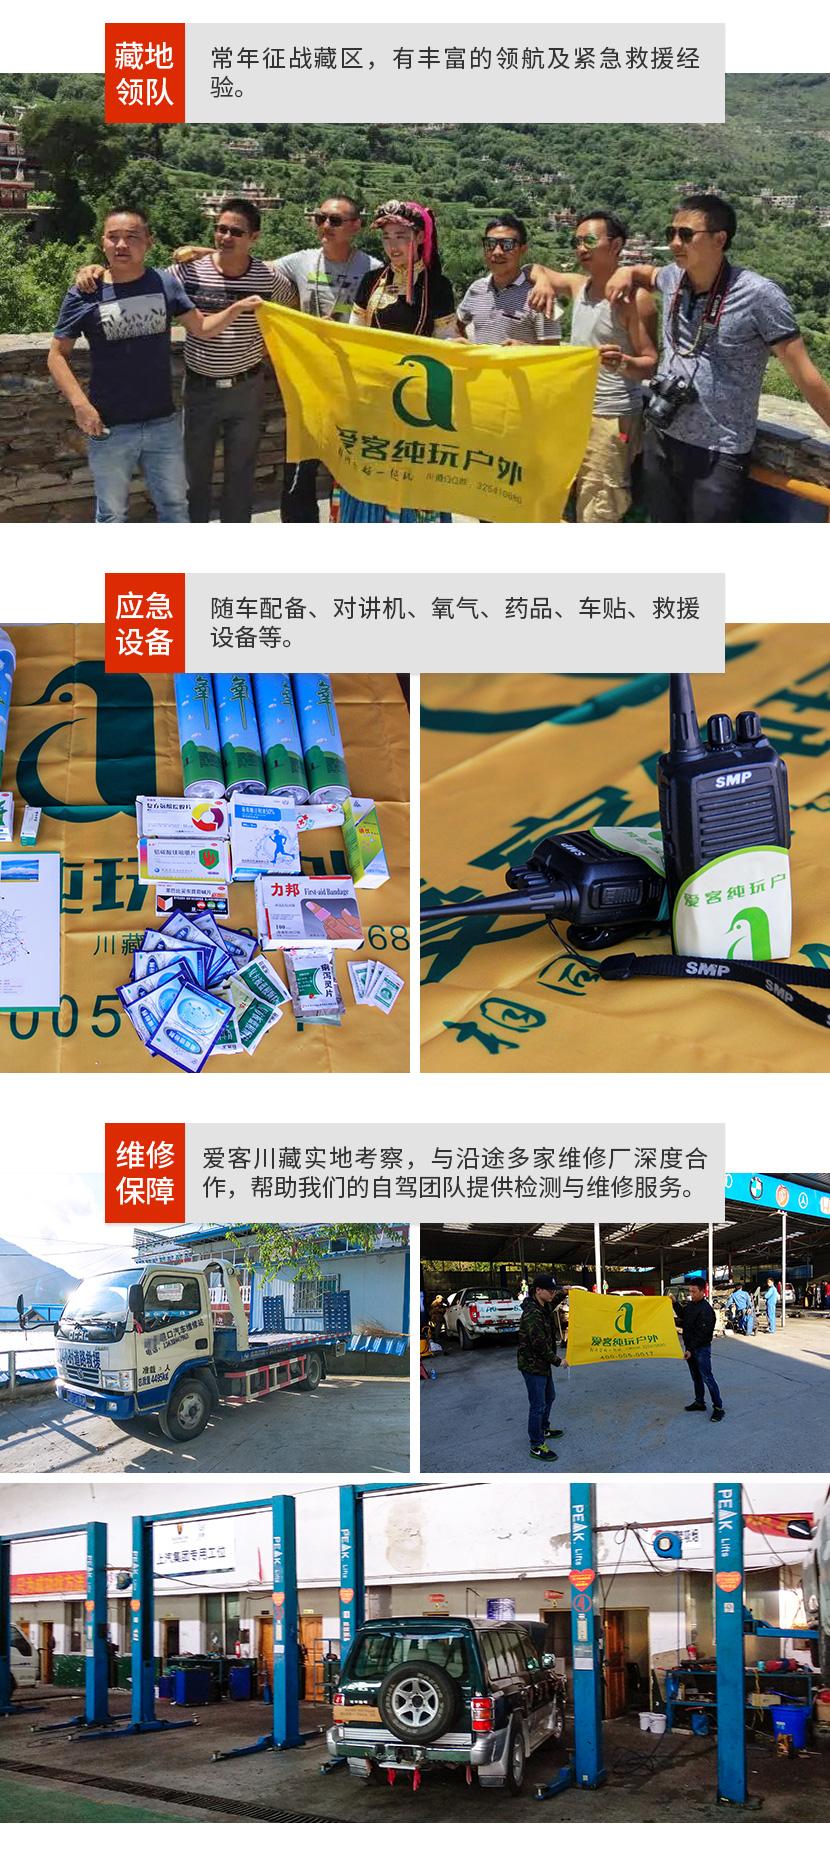 川藏线自驾游行程7